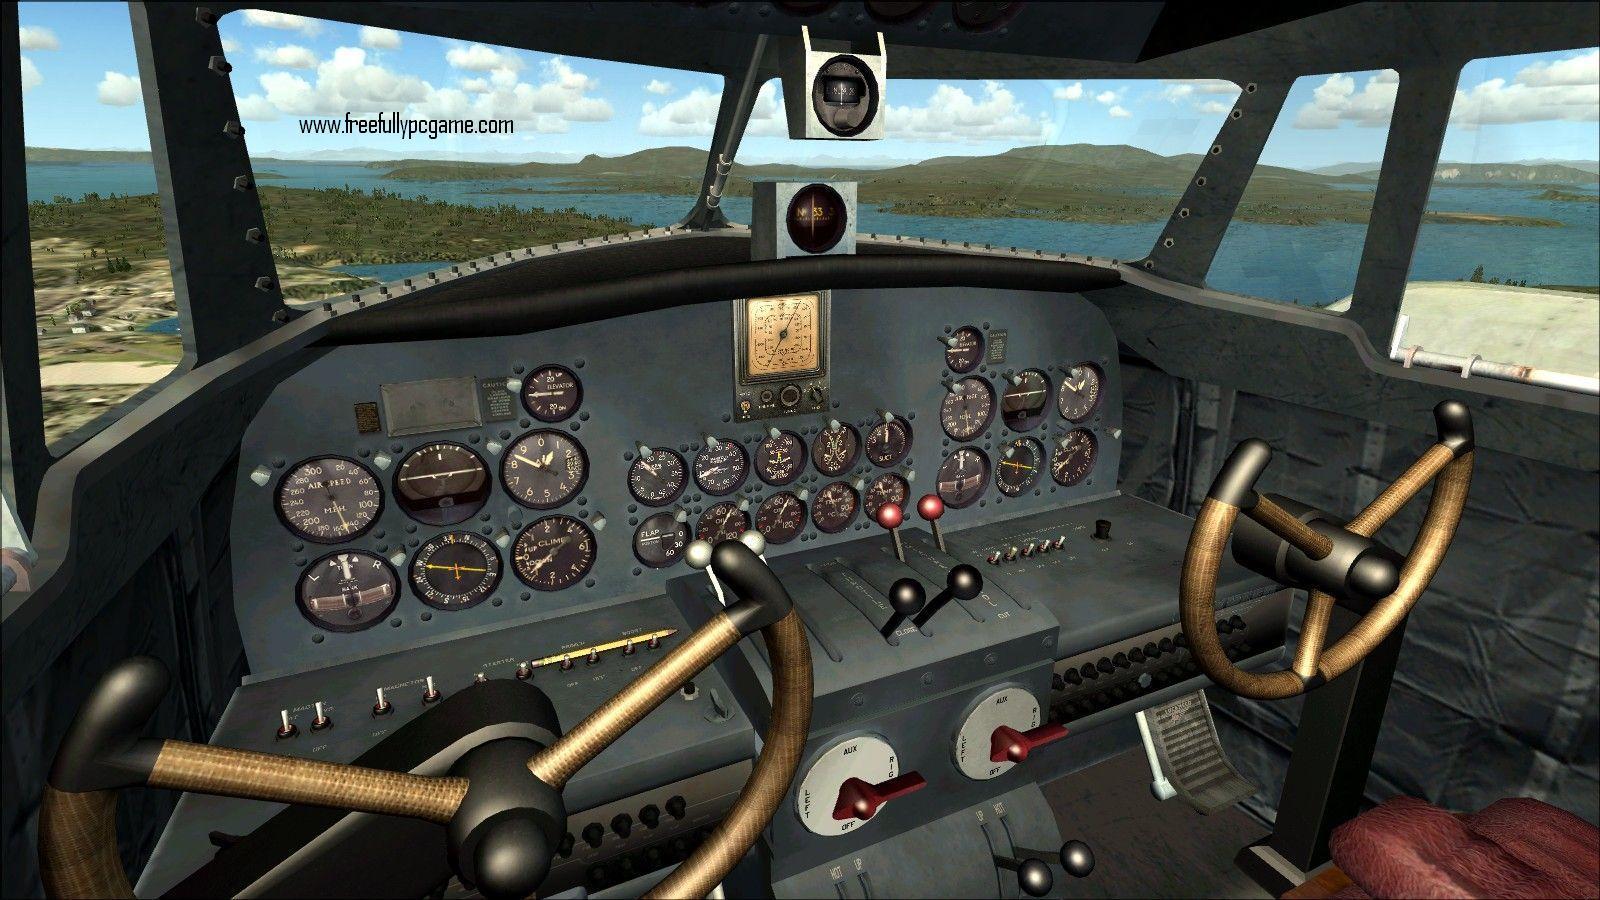 flugsimulator game